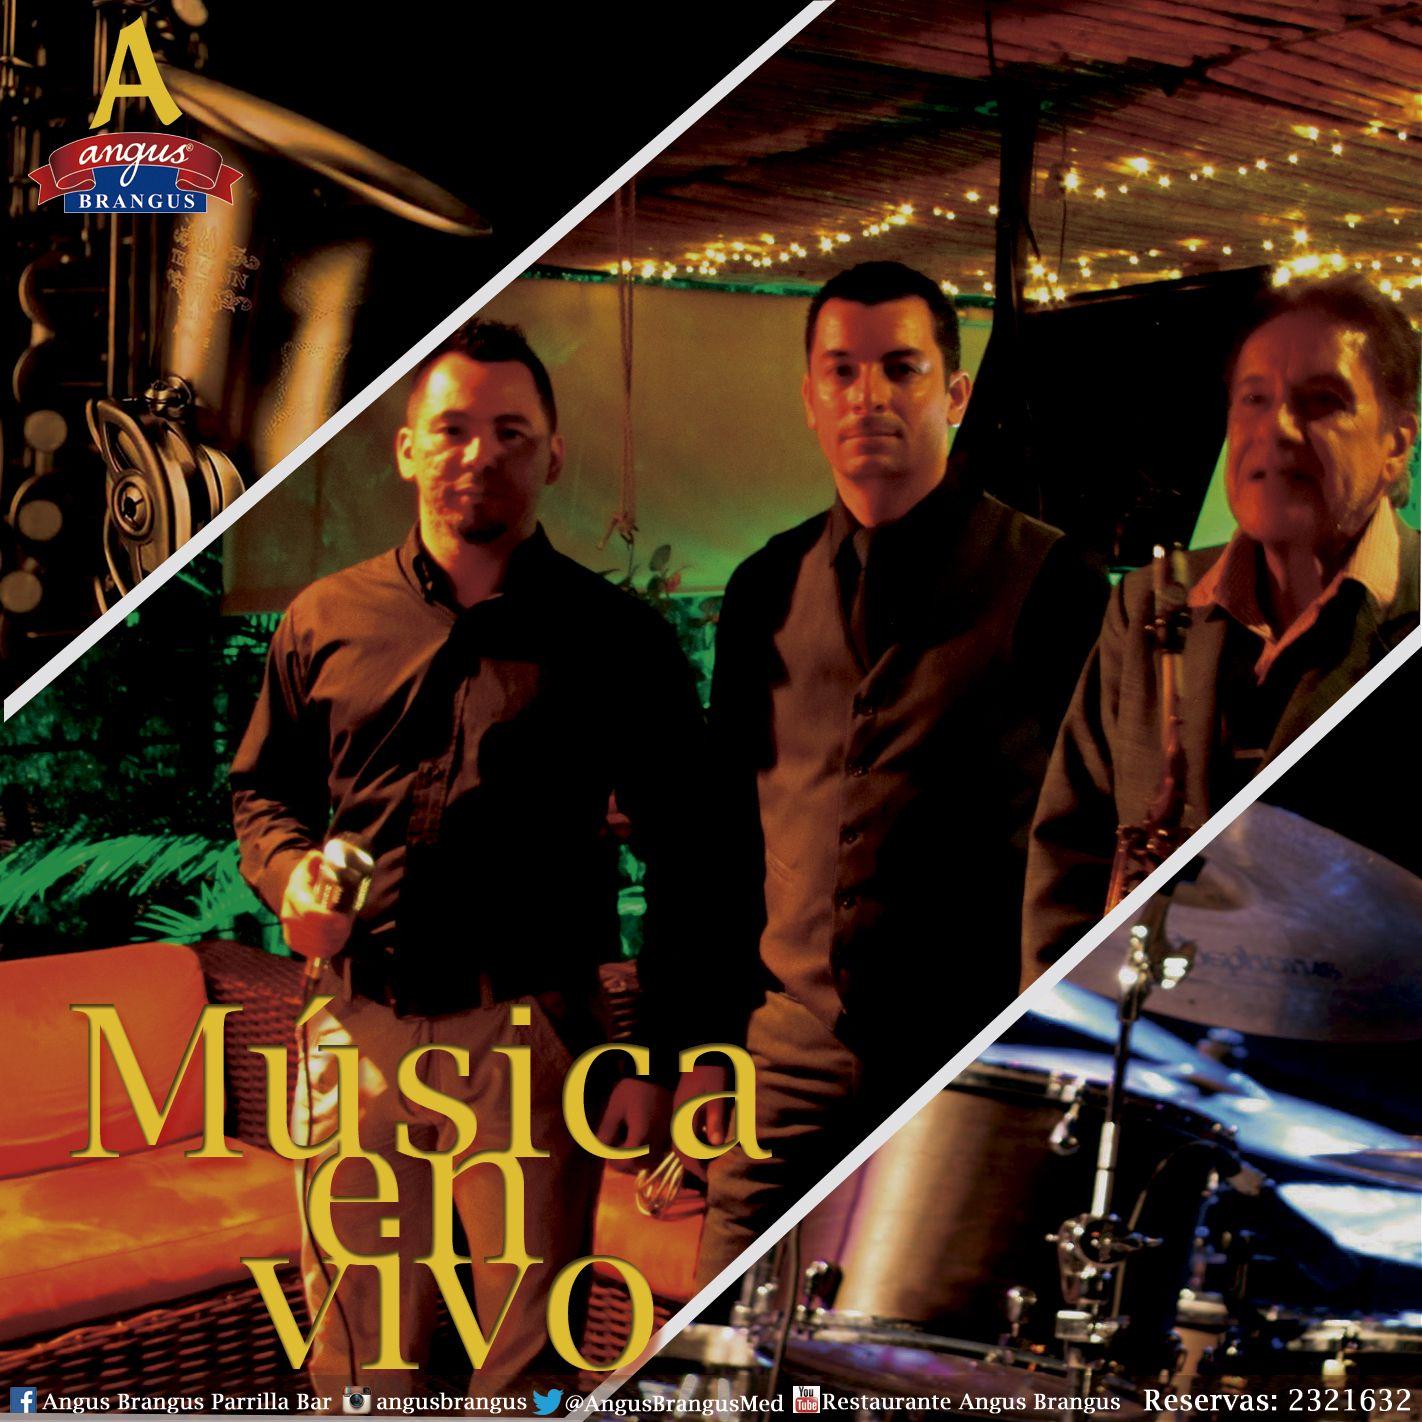 Angus Brangus cuenta con noches de música en vivo, disfruta en un ambiente cálido, romántico y exquisita gastronomía.   Reservas: www.angusbrangus.com.co .   #AngusBrangus #Medellín #RestaurantesMedellín @Pasaporte_Vip @ClubIntelecto @Restorando #gastronomía #musicaenvivo #nochesenmedellín